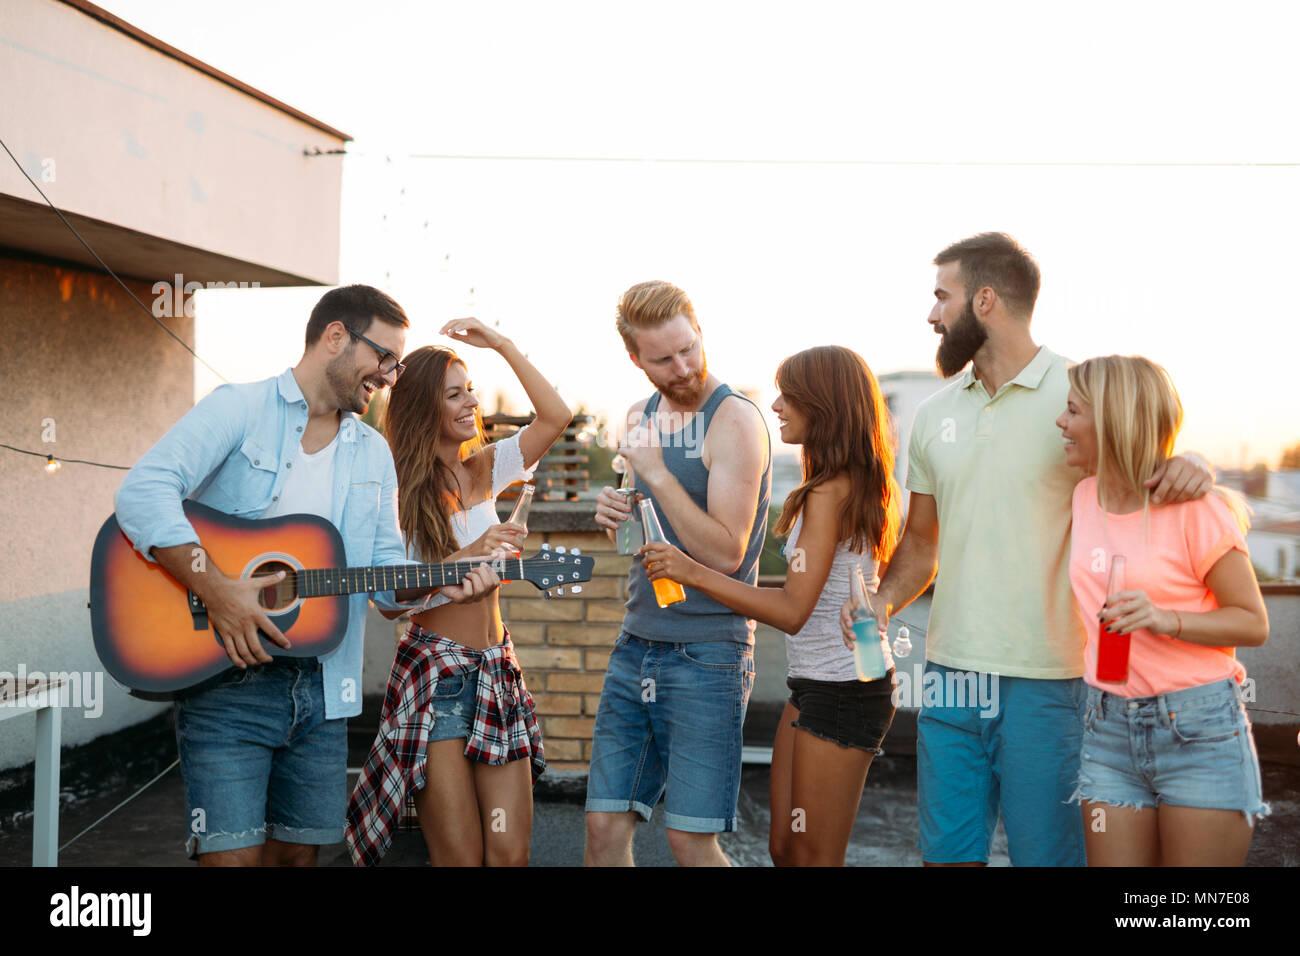 Feliz amigos riendo y sonriendo al aire libre Foto de stock